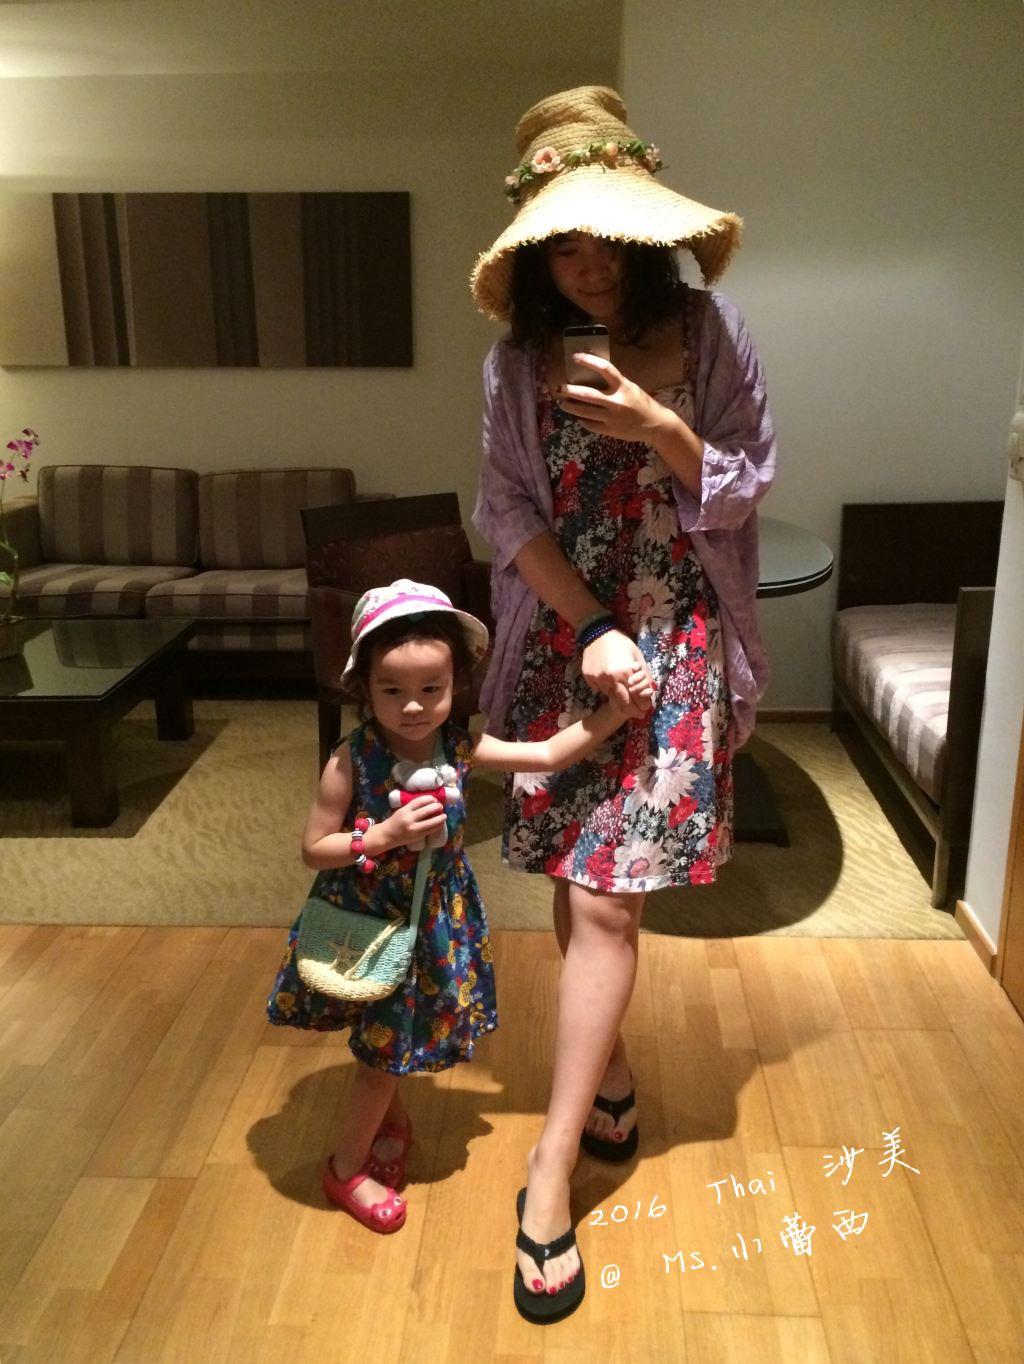 带你去看最蓝的天---> 2016 带着混血萌娃在泰国沙美跨年